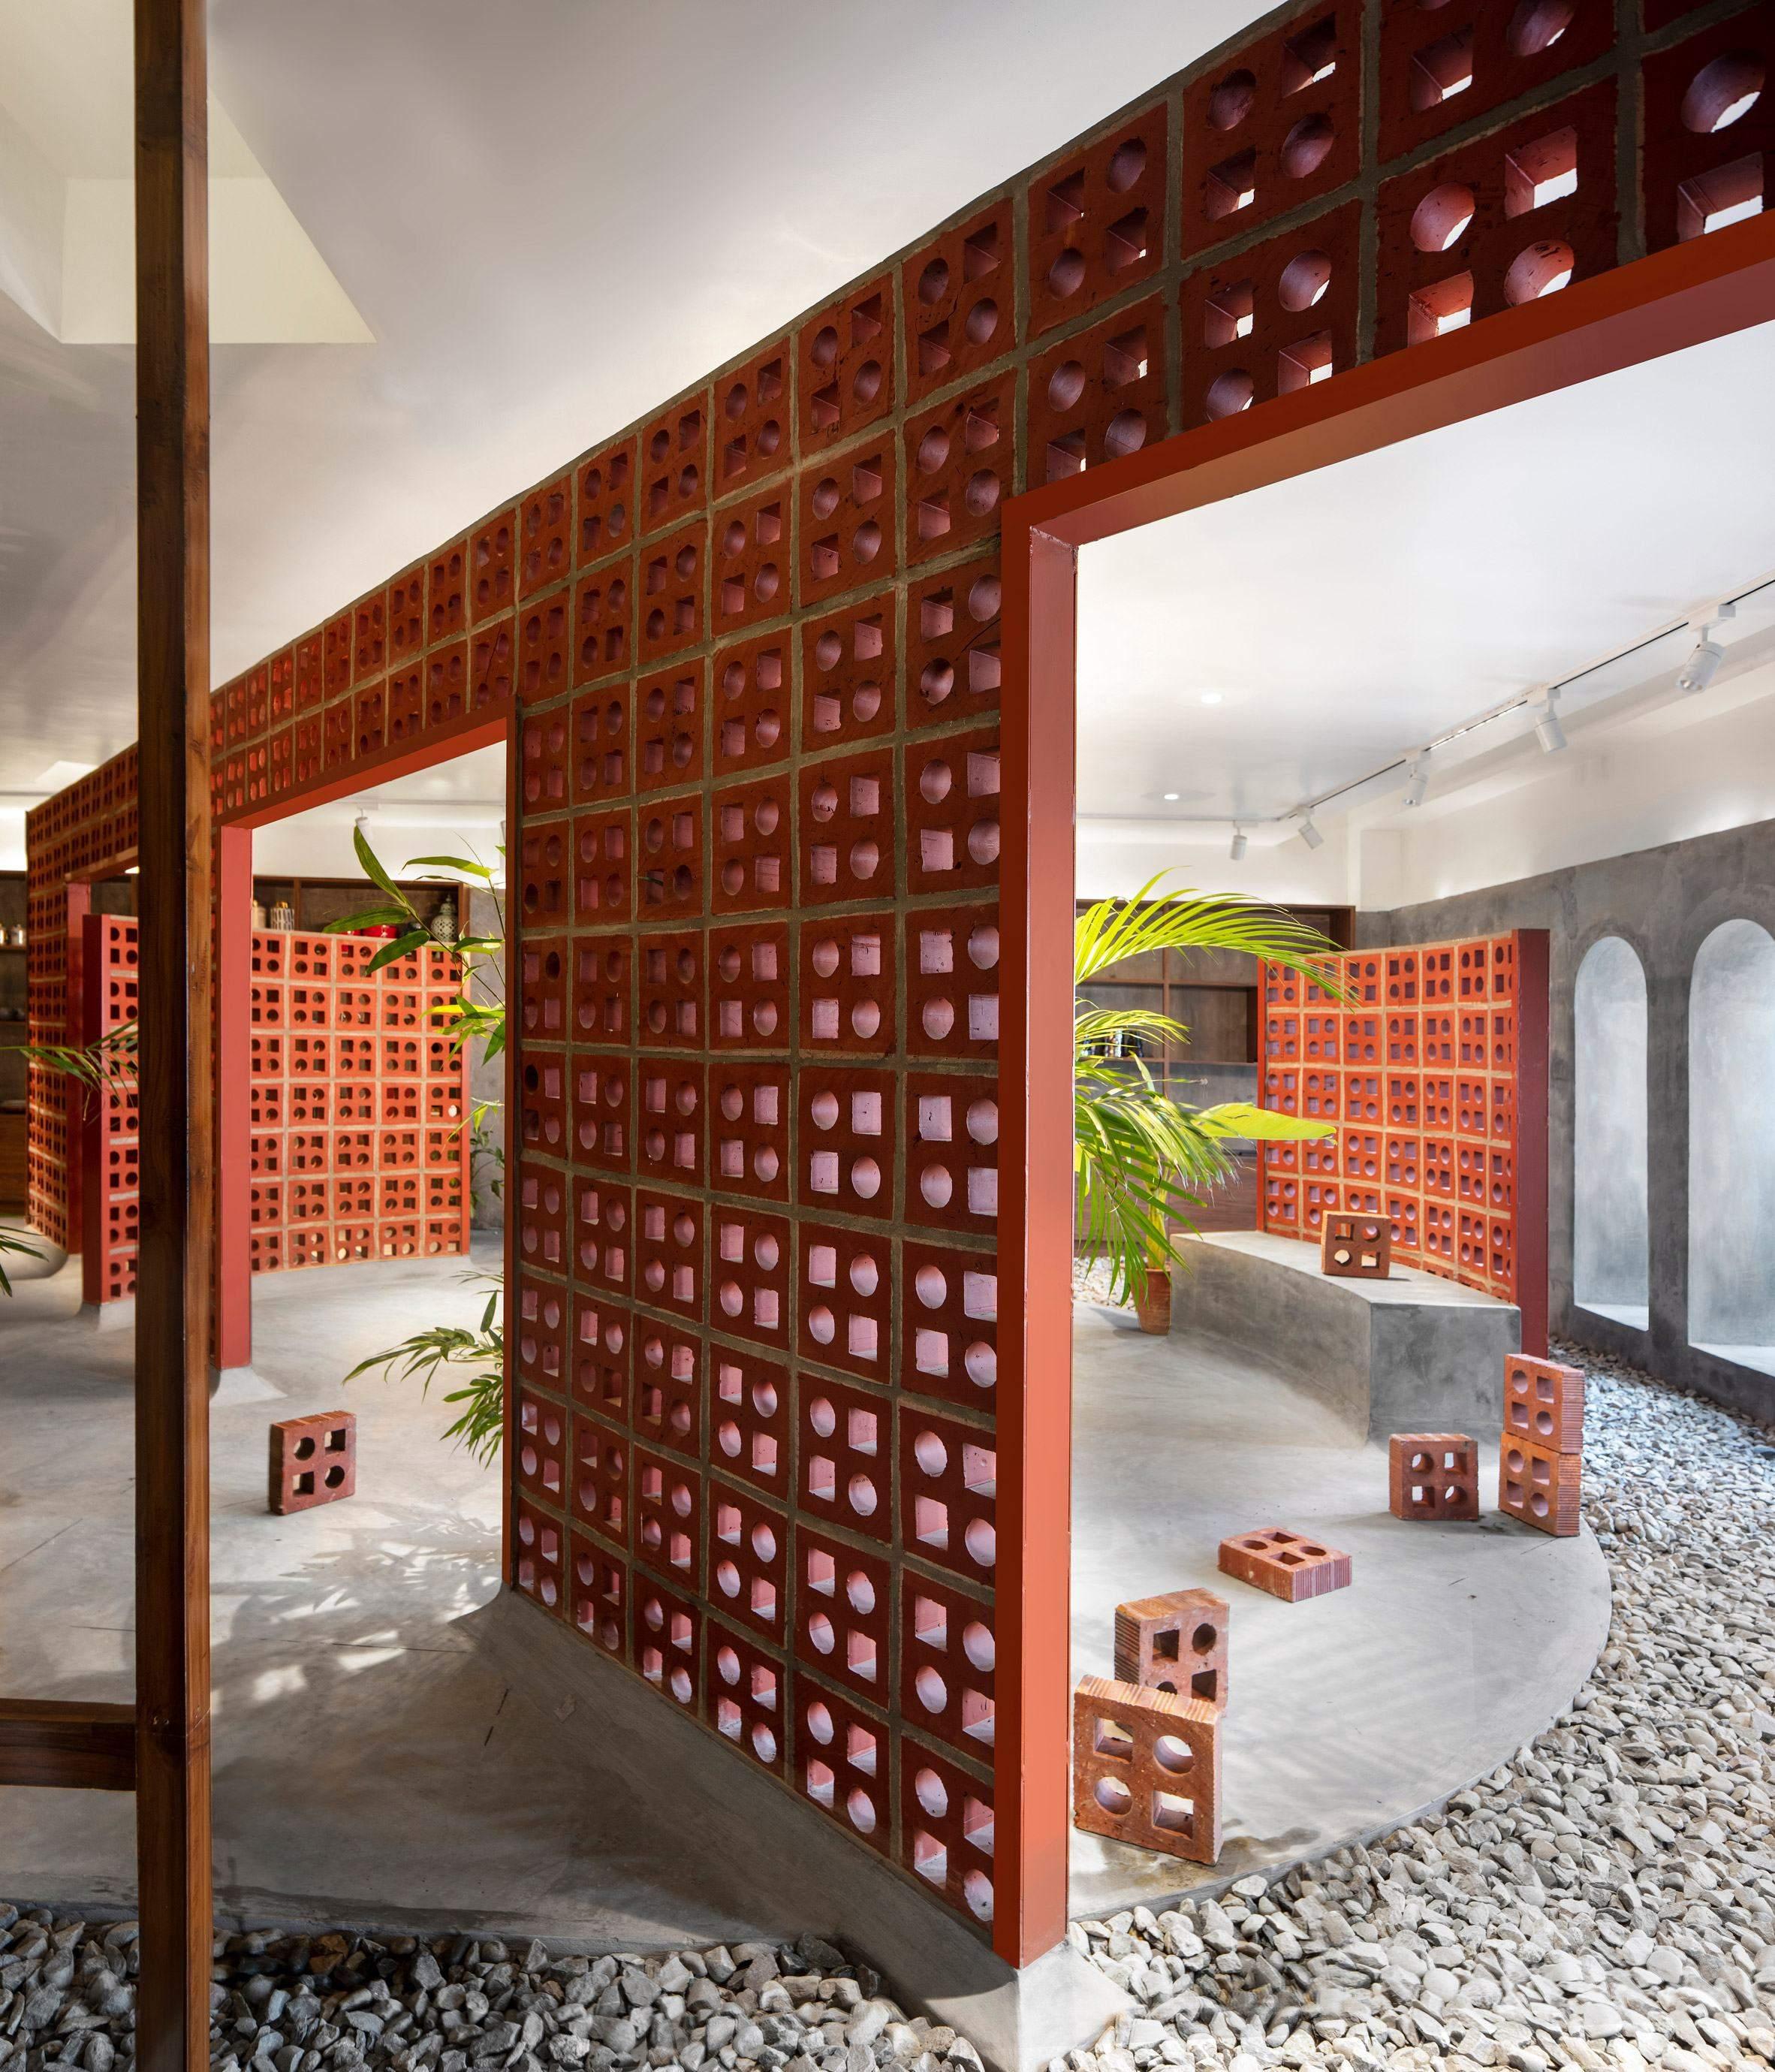 Декоративна цегла  з квадратними та круглими отворами,  дозволяє світлу фільтрувати проникати у весь простір  / Фото Dezeen